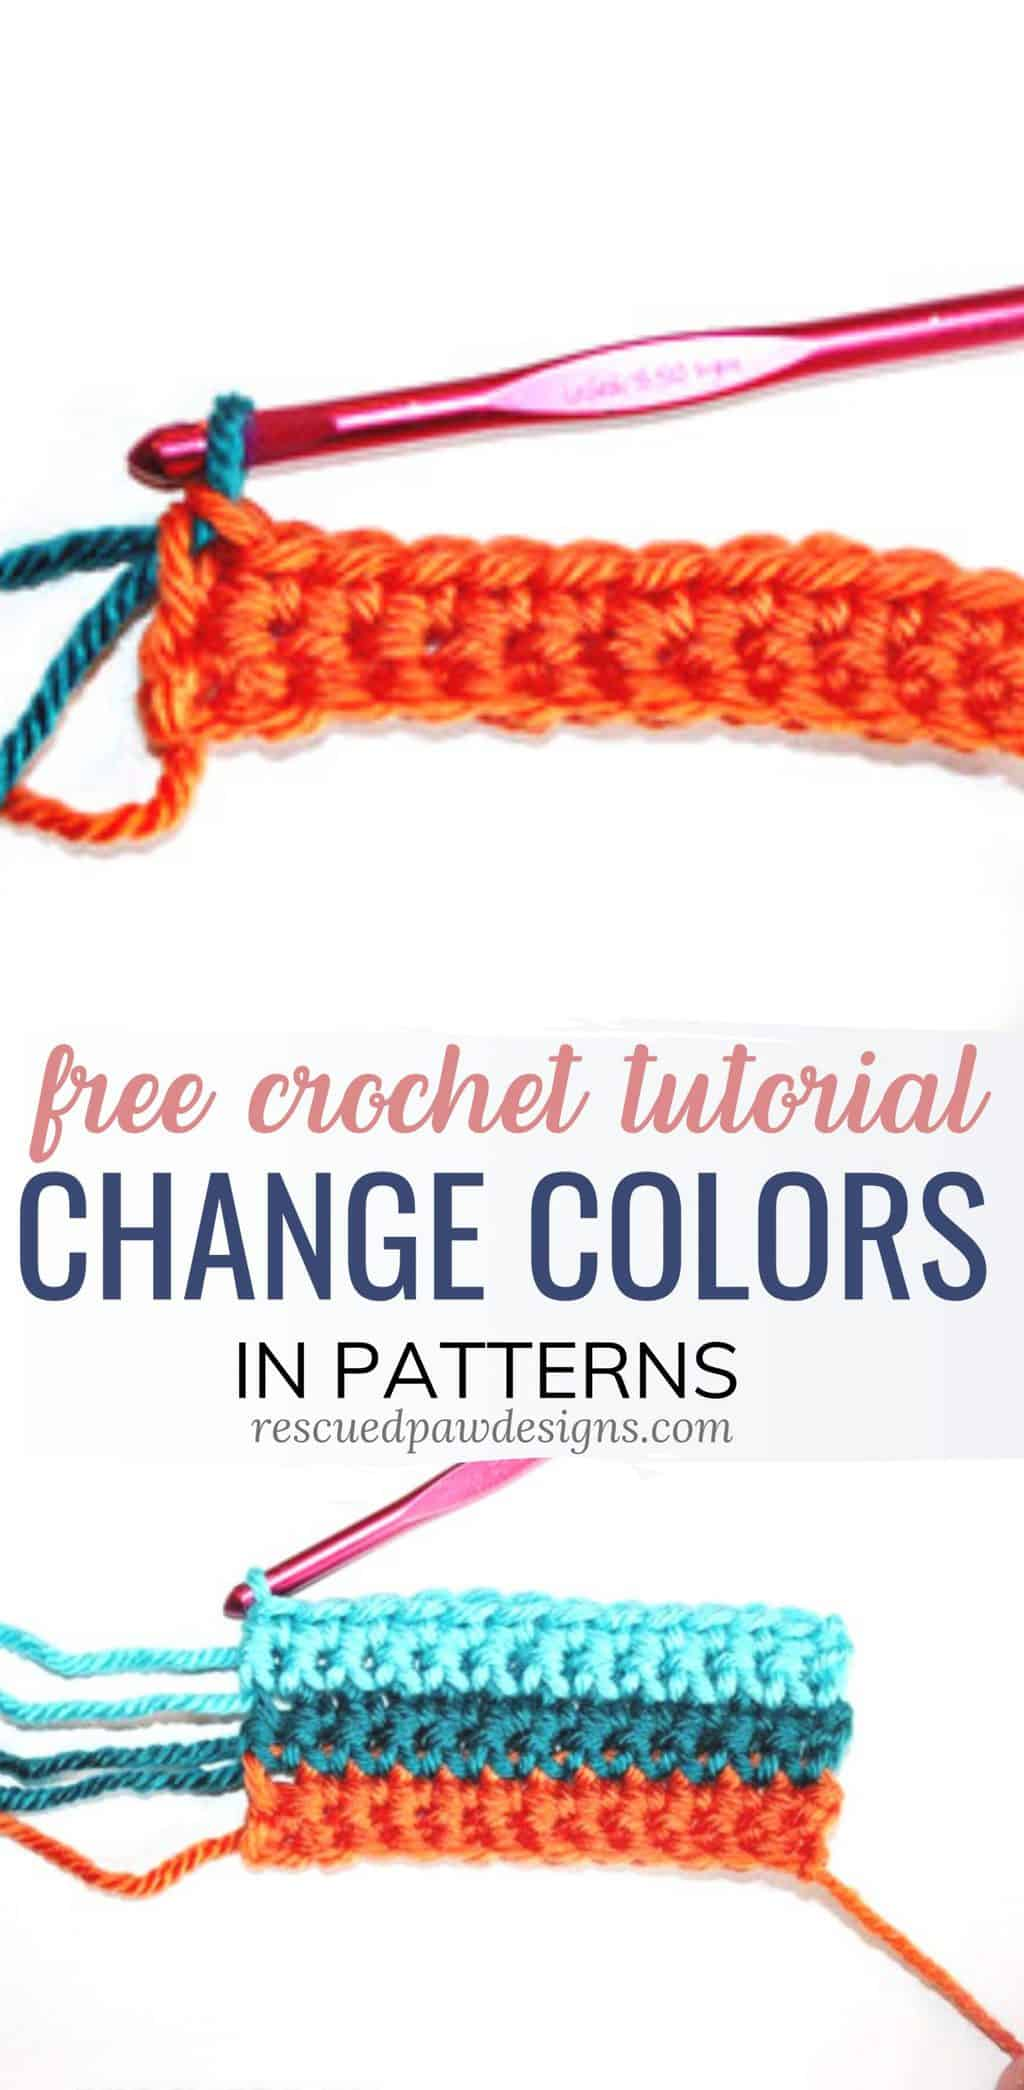 Change colors in crochet tutorial